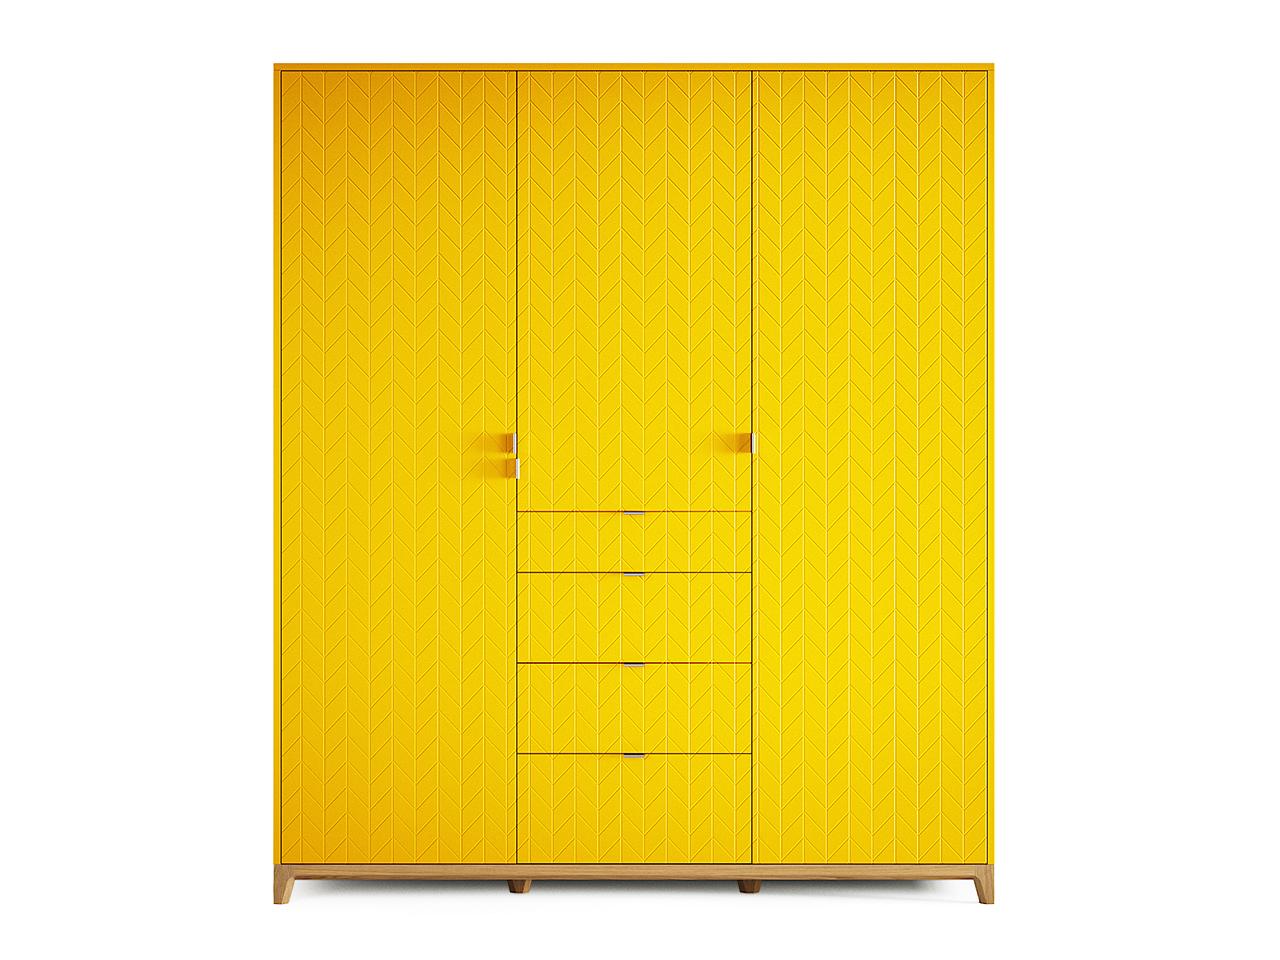 Шкаф Case №2Платяные шкафы<br>Еще более вместительный, прочный и удобный шкаф CASE №2 сочетает в себе продуманную структуру и современный дизайн.В новом варианте предлагаются ящики с внешними фасадами, а также обновленное наполнение шкафов. Внутри комфортно расположены полки и штанги для вешалок, сплошная перфорация позволяет устанавливать полки в удобном положении,предусмотрено два возможных положения штанг (для хранения длинных вещей / для большего количества вещей). В комплекте поставляется дополнительная полка и дополнительная штанга для вешалок.&amp;lt;div&amp;gt;&amp;lt;br&amp;gt;&amp;lt;/div&amp;gt;&amp;lt;div&amp;gt;Материал: массив дуба, МДФ, ДСП, эмаль, лак&amp;lt;br&amp;gt;&amp;lt;/div&amp;gt;<br><br>Material: Дуб<br>Ширина см: 180.0<br>Высота см: 210.0<br>Глубина см: 60.0